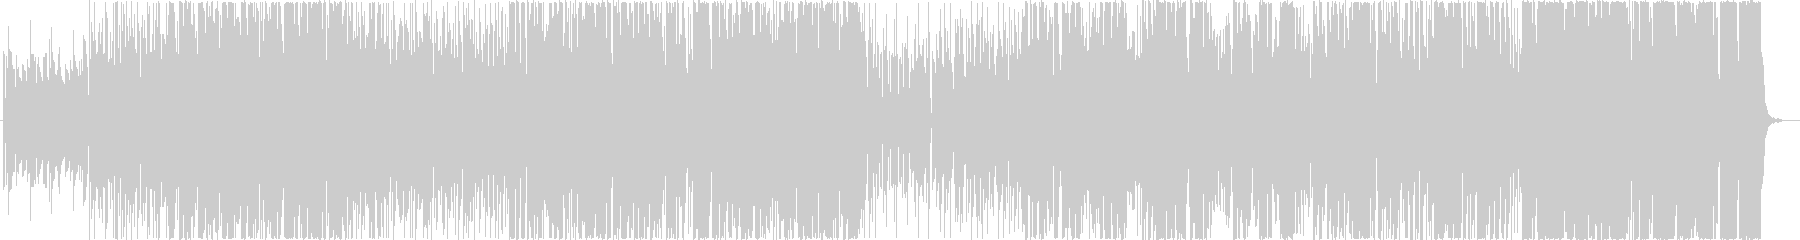 ギターソロが特徴的なファンクサウンドの未再生の波形